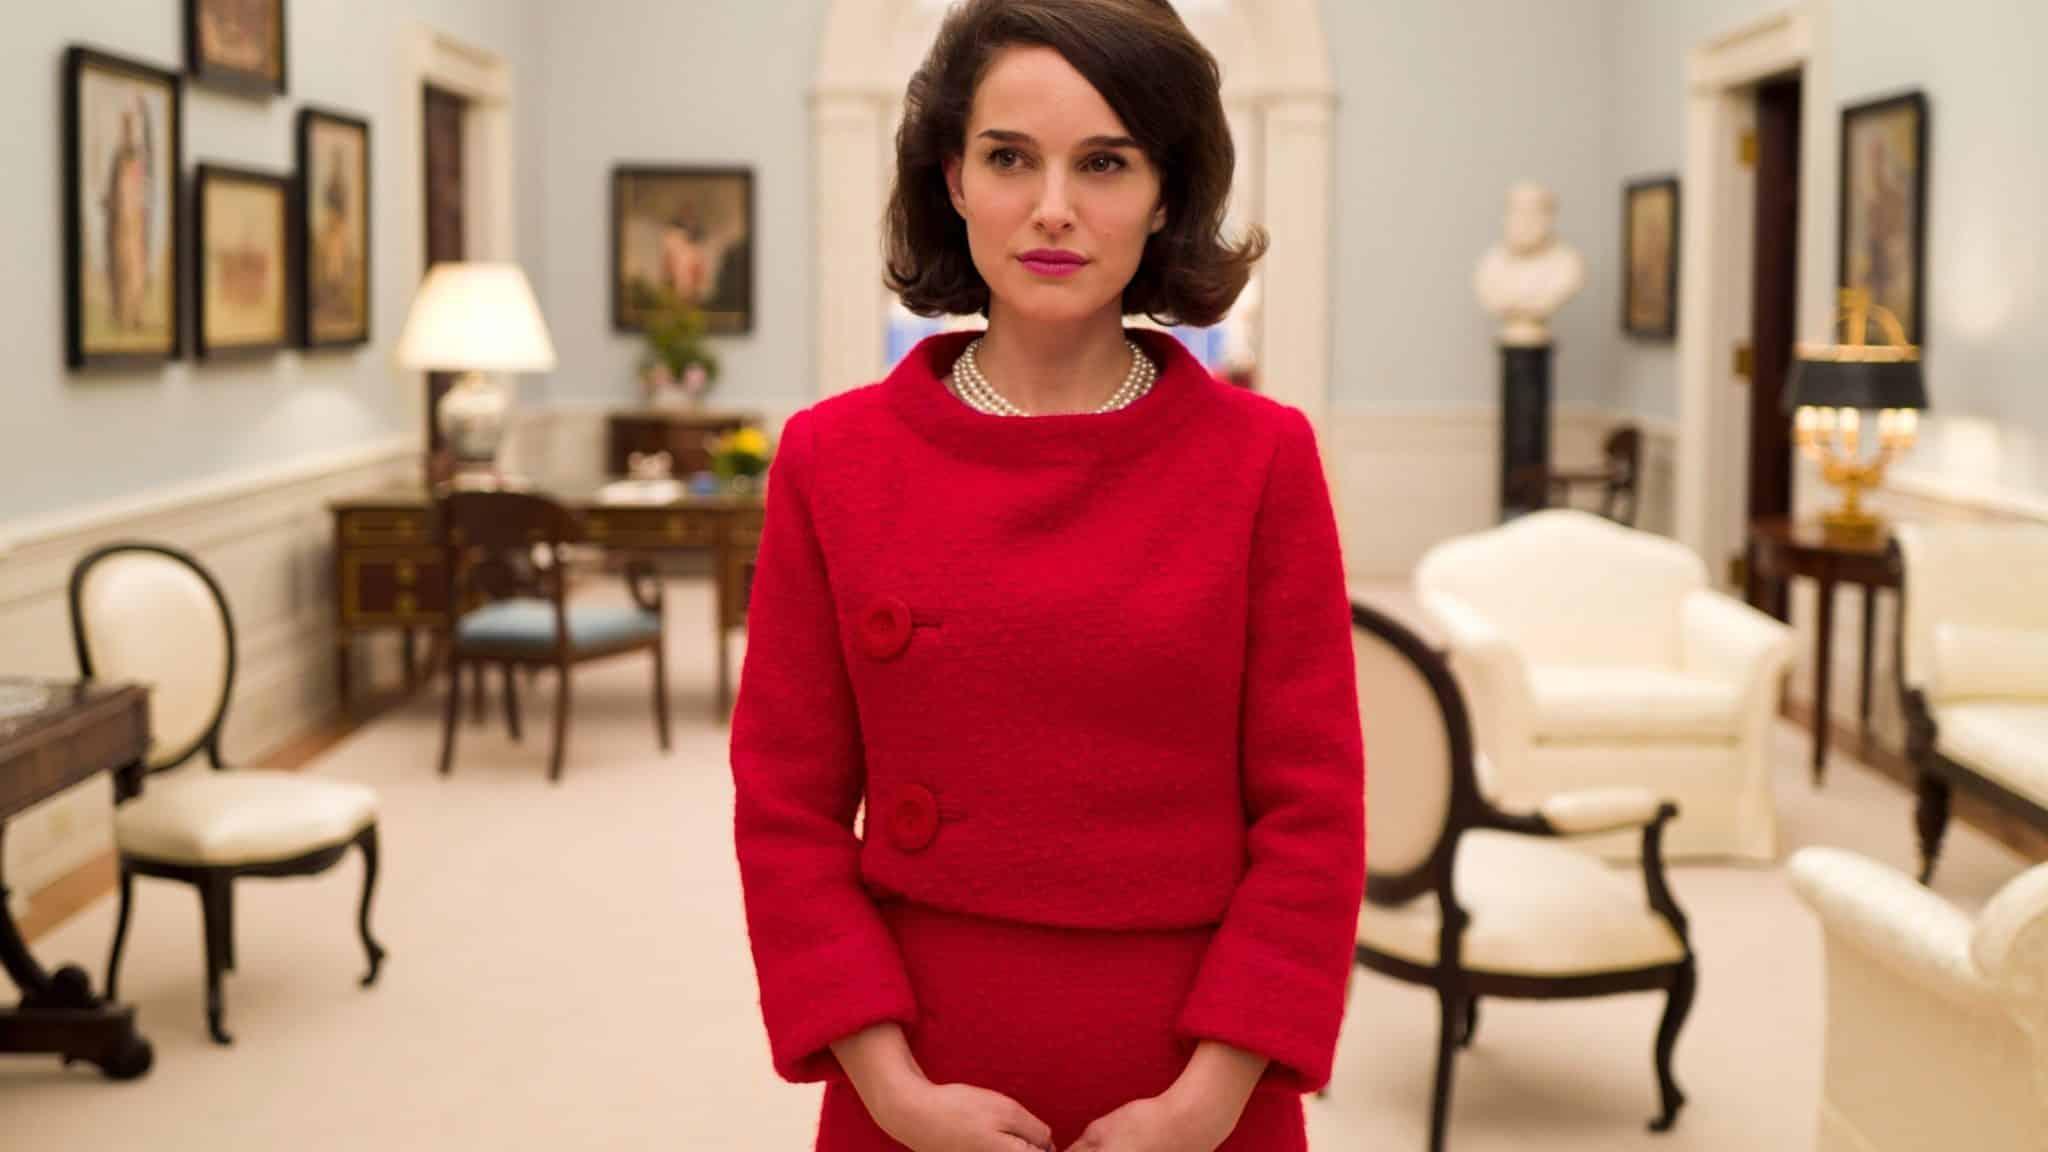 Najlepšia herečka: Natalie Portman za Jackie; Zdroj: showfilmfirst.com